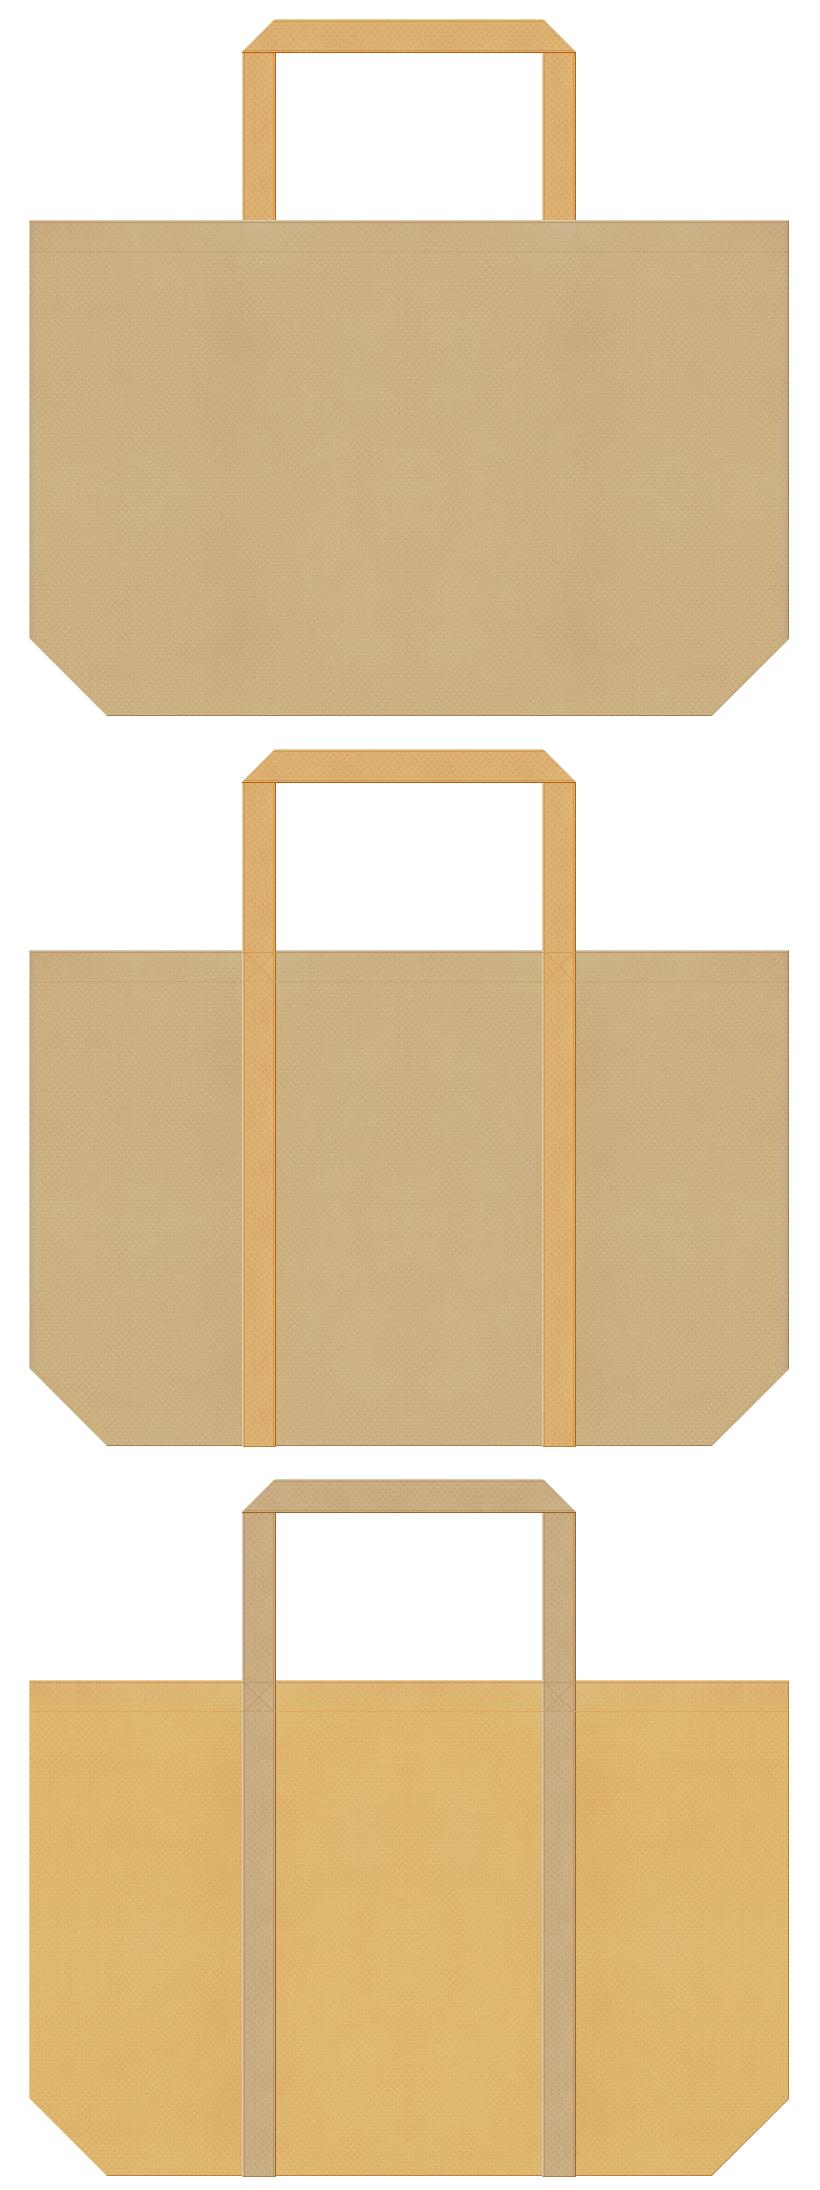 小鹿・子犬・ぬいぐるみ・毛糸・手芸・板の間・檜風呂・木工・工作教室・DIYのショッピングバッグにお奨めの不織布バッグデザイン:カーキ色と薄黄土色のコーデ